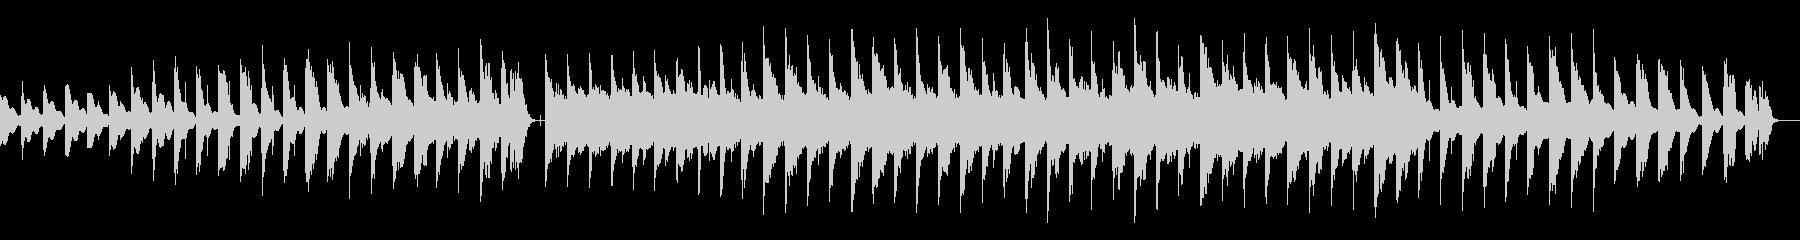 柔らかい音色シンプルフレーズ重ねリピートの未再生の波形